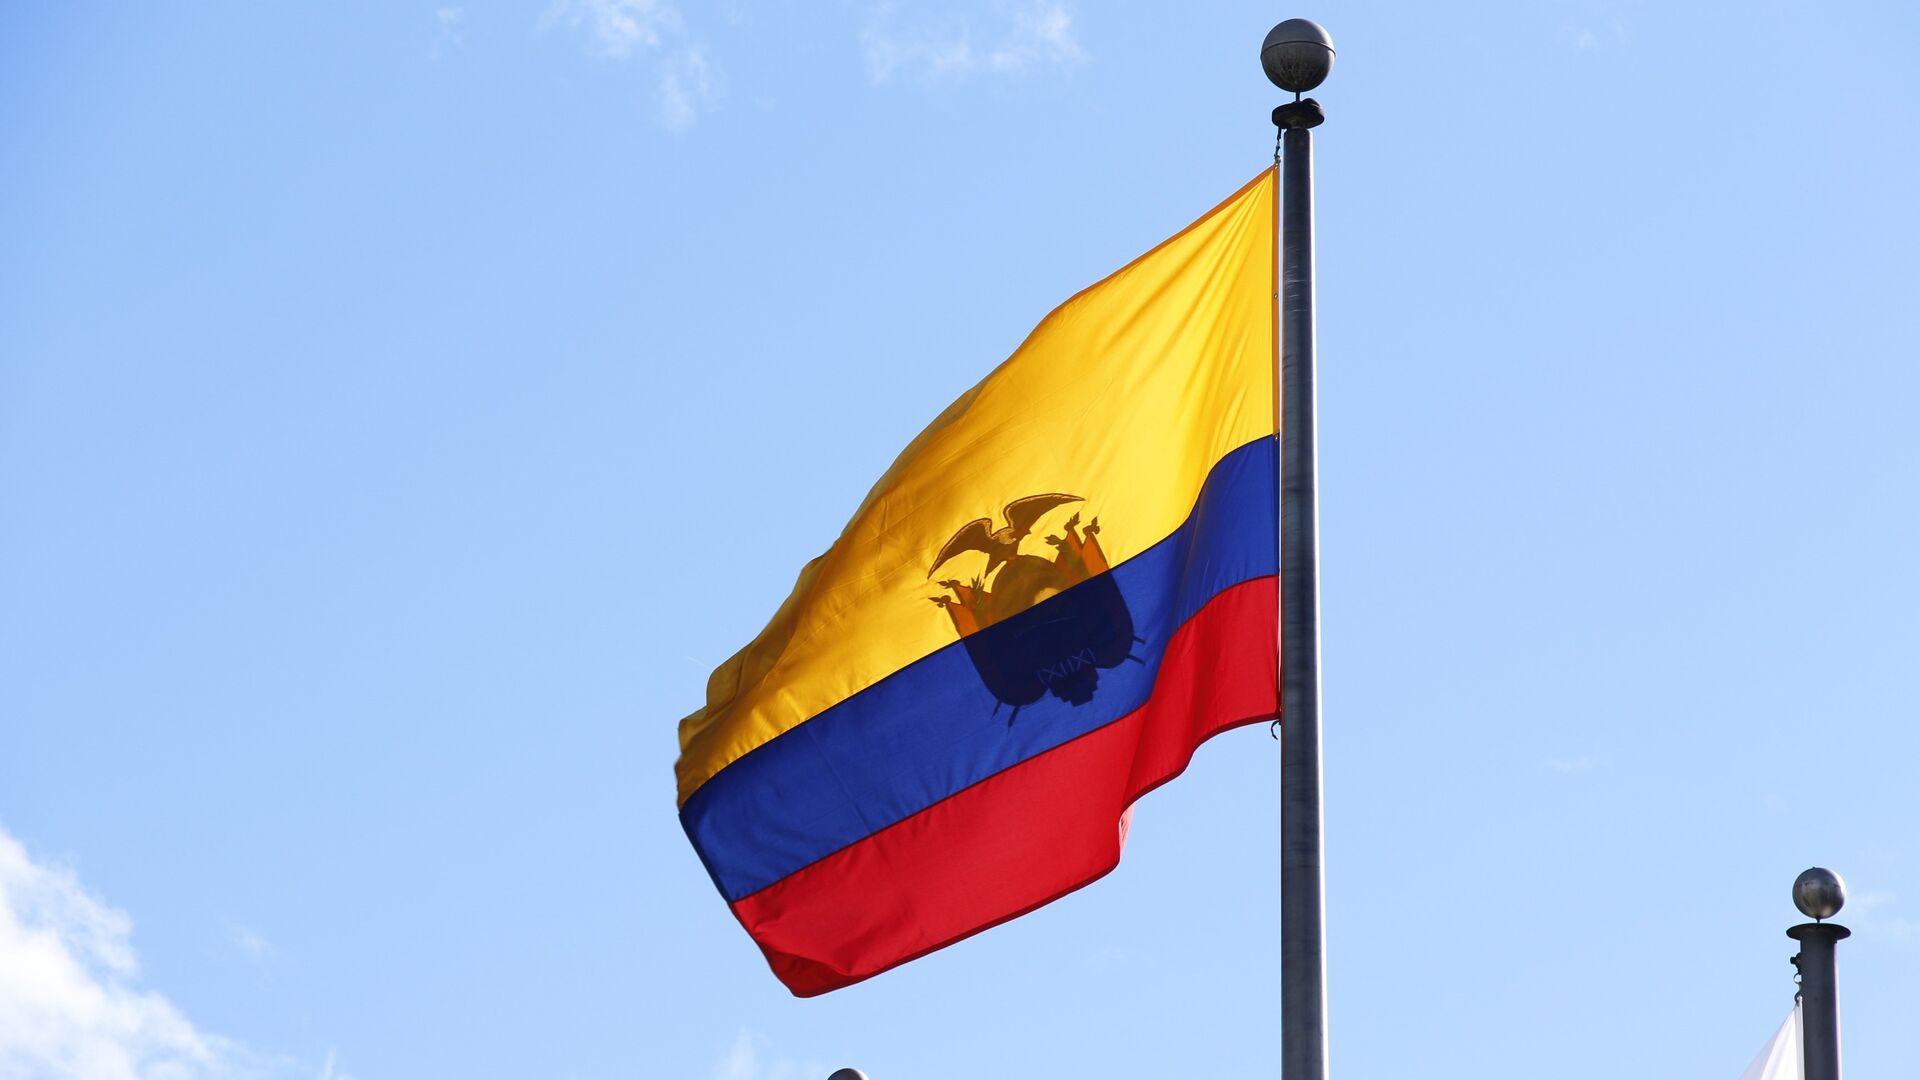 Bandera de Ecuador - Sputnik Mundo, 1920, 28.07.2021